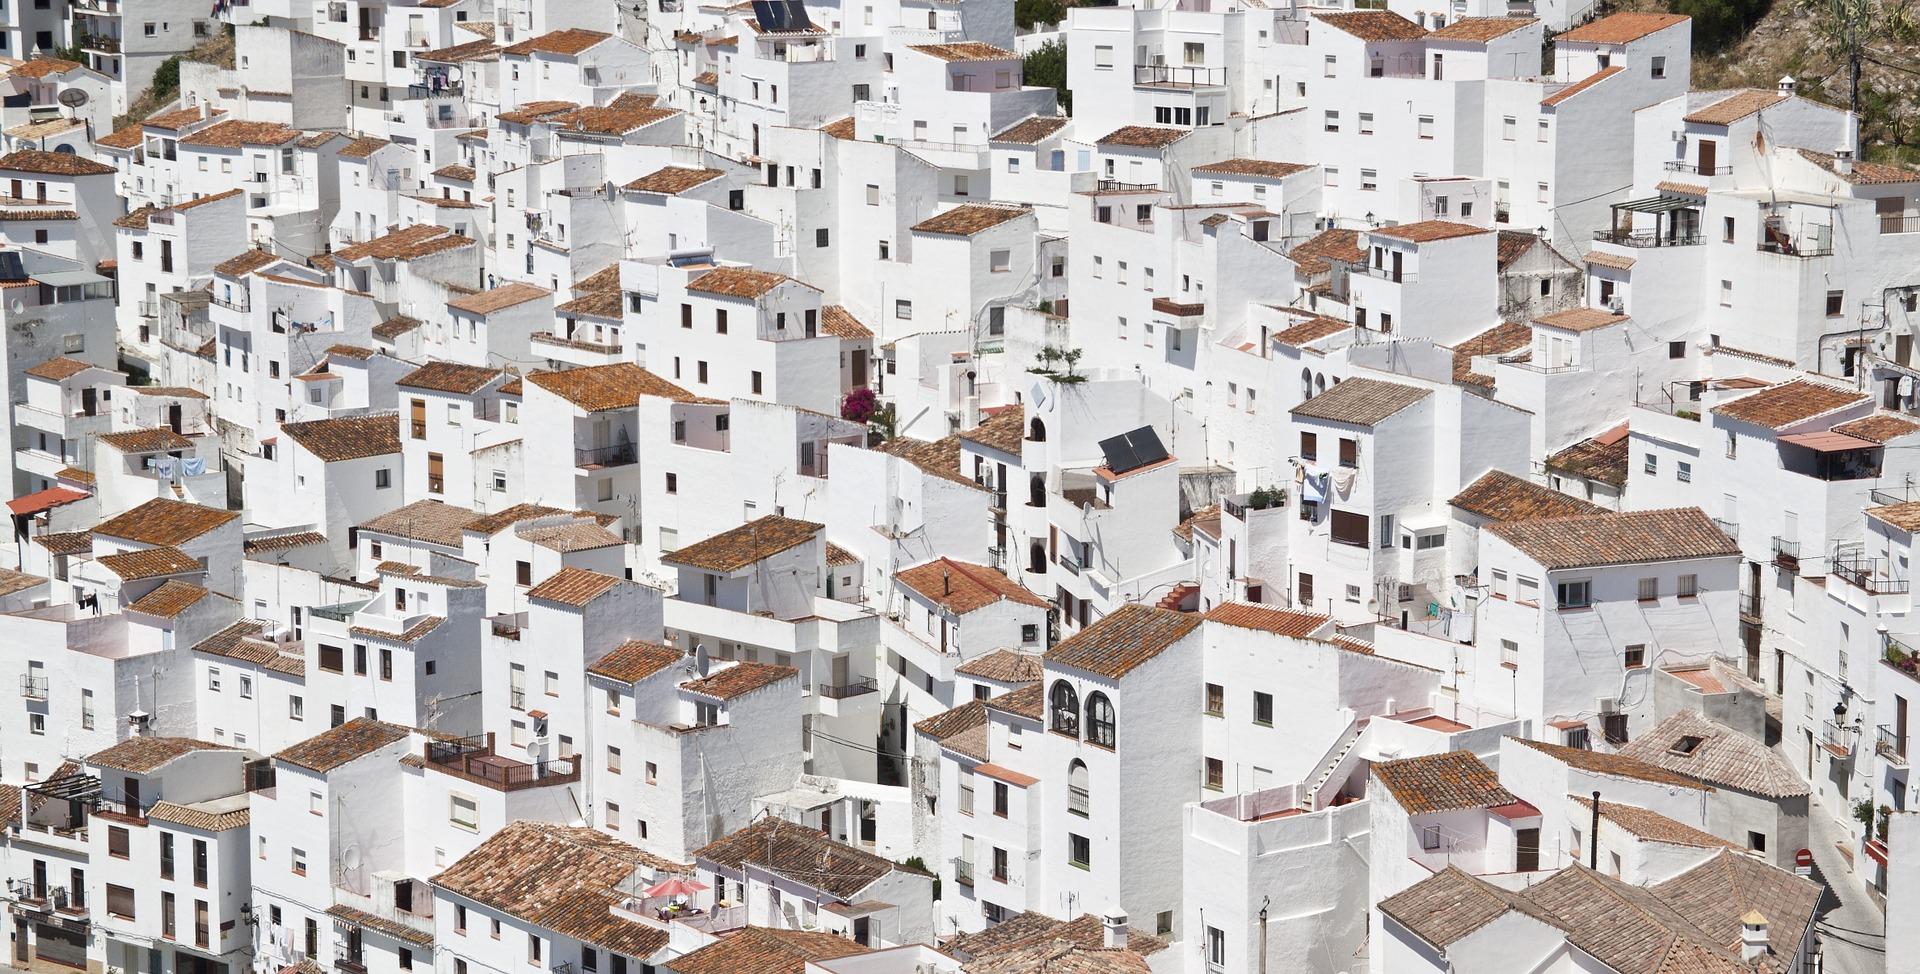 Cijene najma stanova u blagom porastu  PoslovniPuls